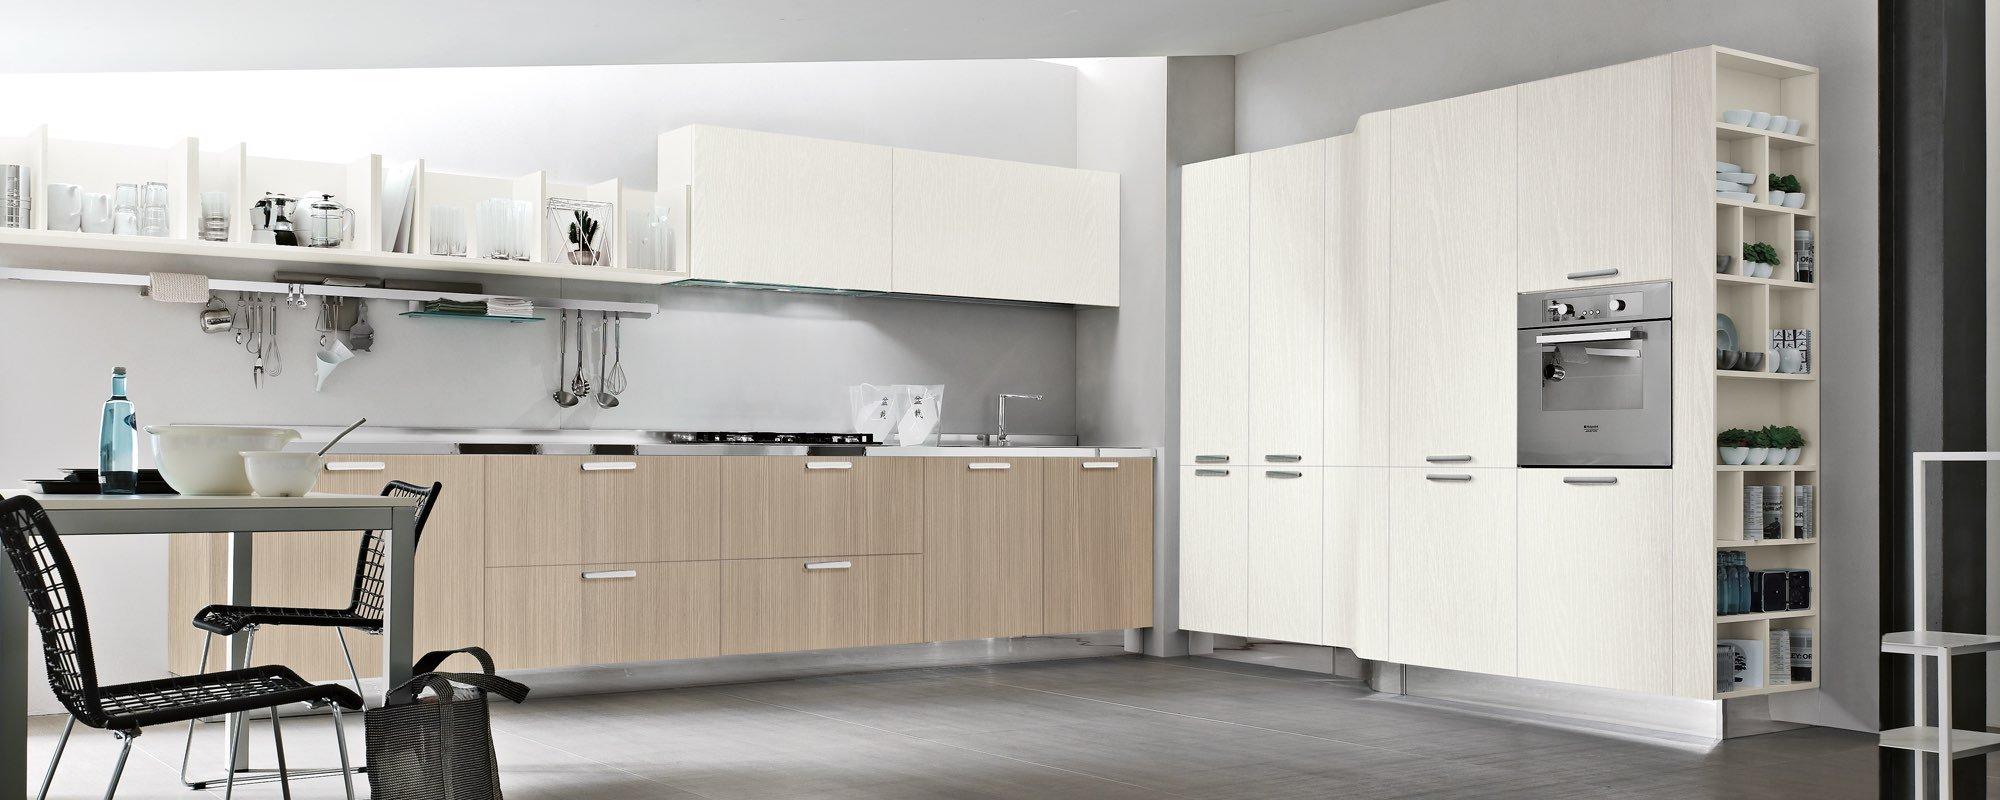 dettaglio cucina stosa moderna con arredamento -Milly